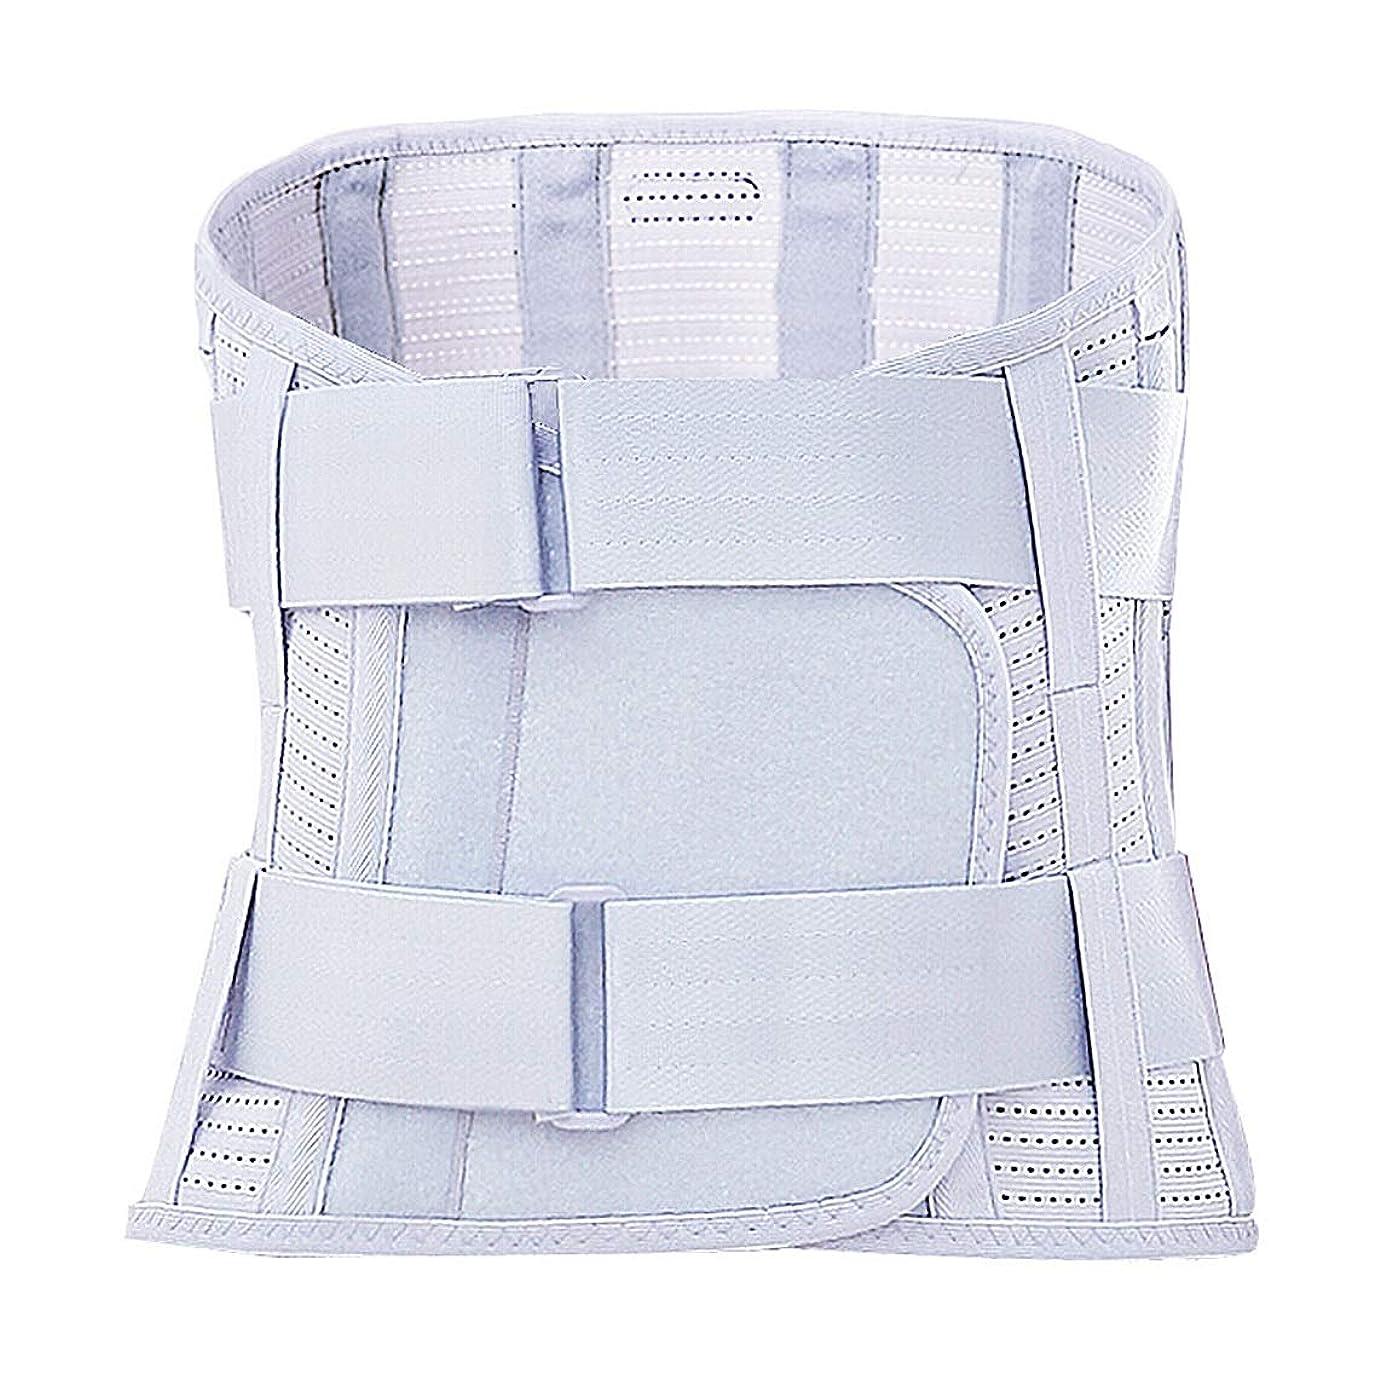 アジャピッチ偶然のウエストサポート、 腰痛 サポートベルト にとって 男達 女性たち 疼痛 救済 椎間板ヘルニア、 デュアル 調整可能 コンプレッションストラップ、 減圧 (Size : XXL)